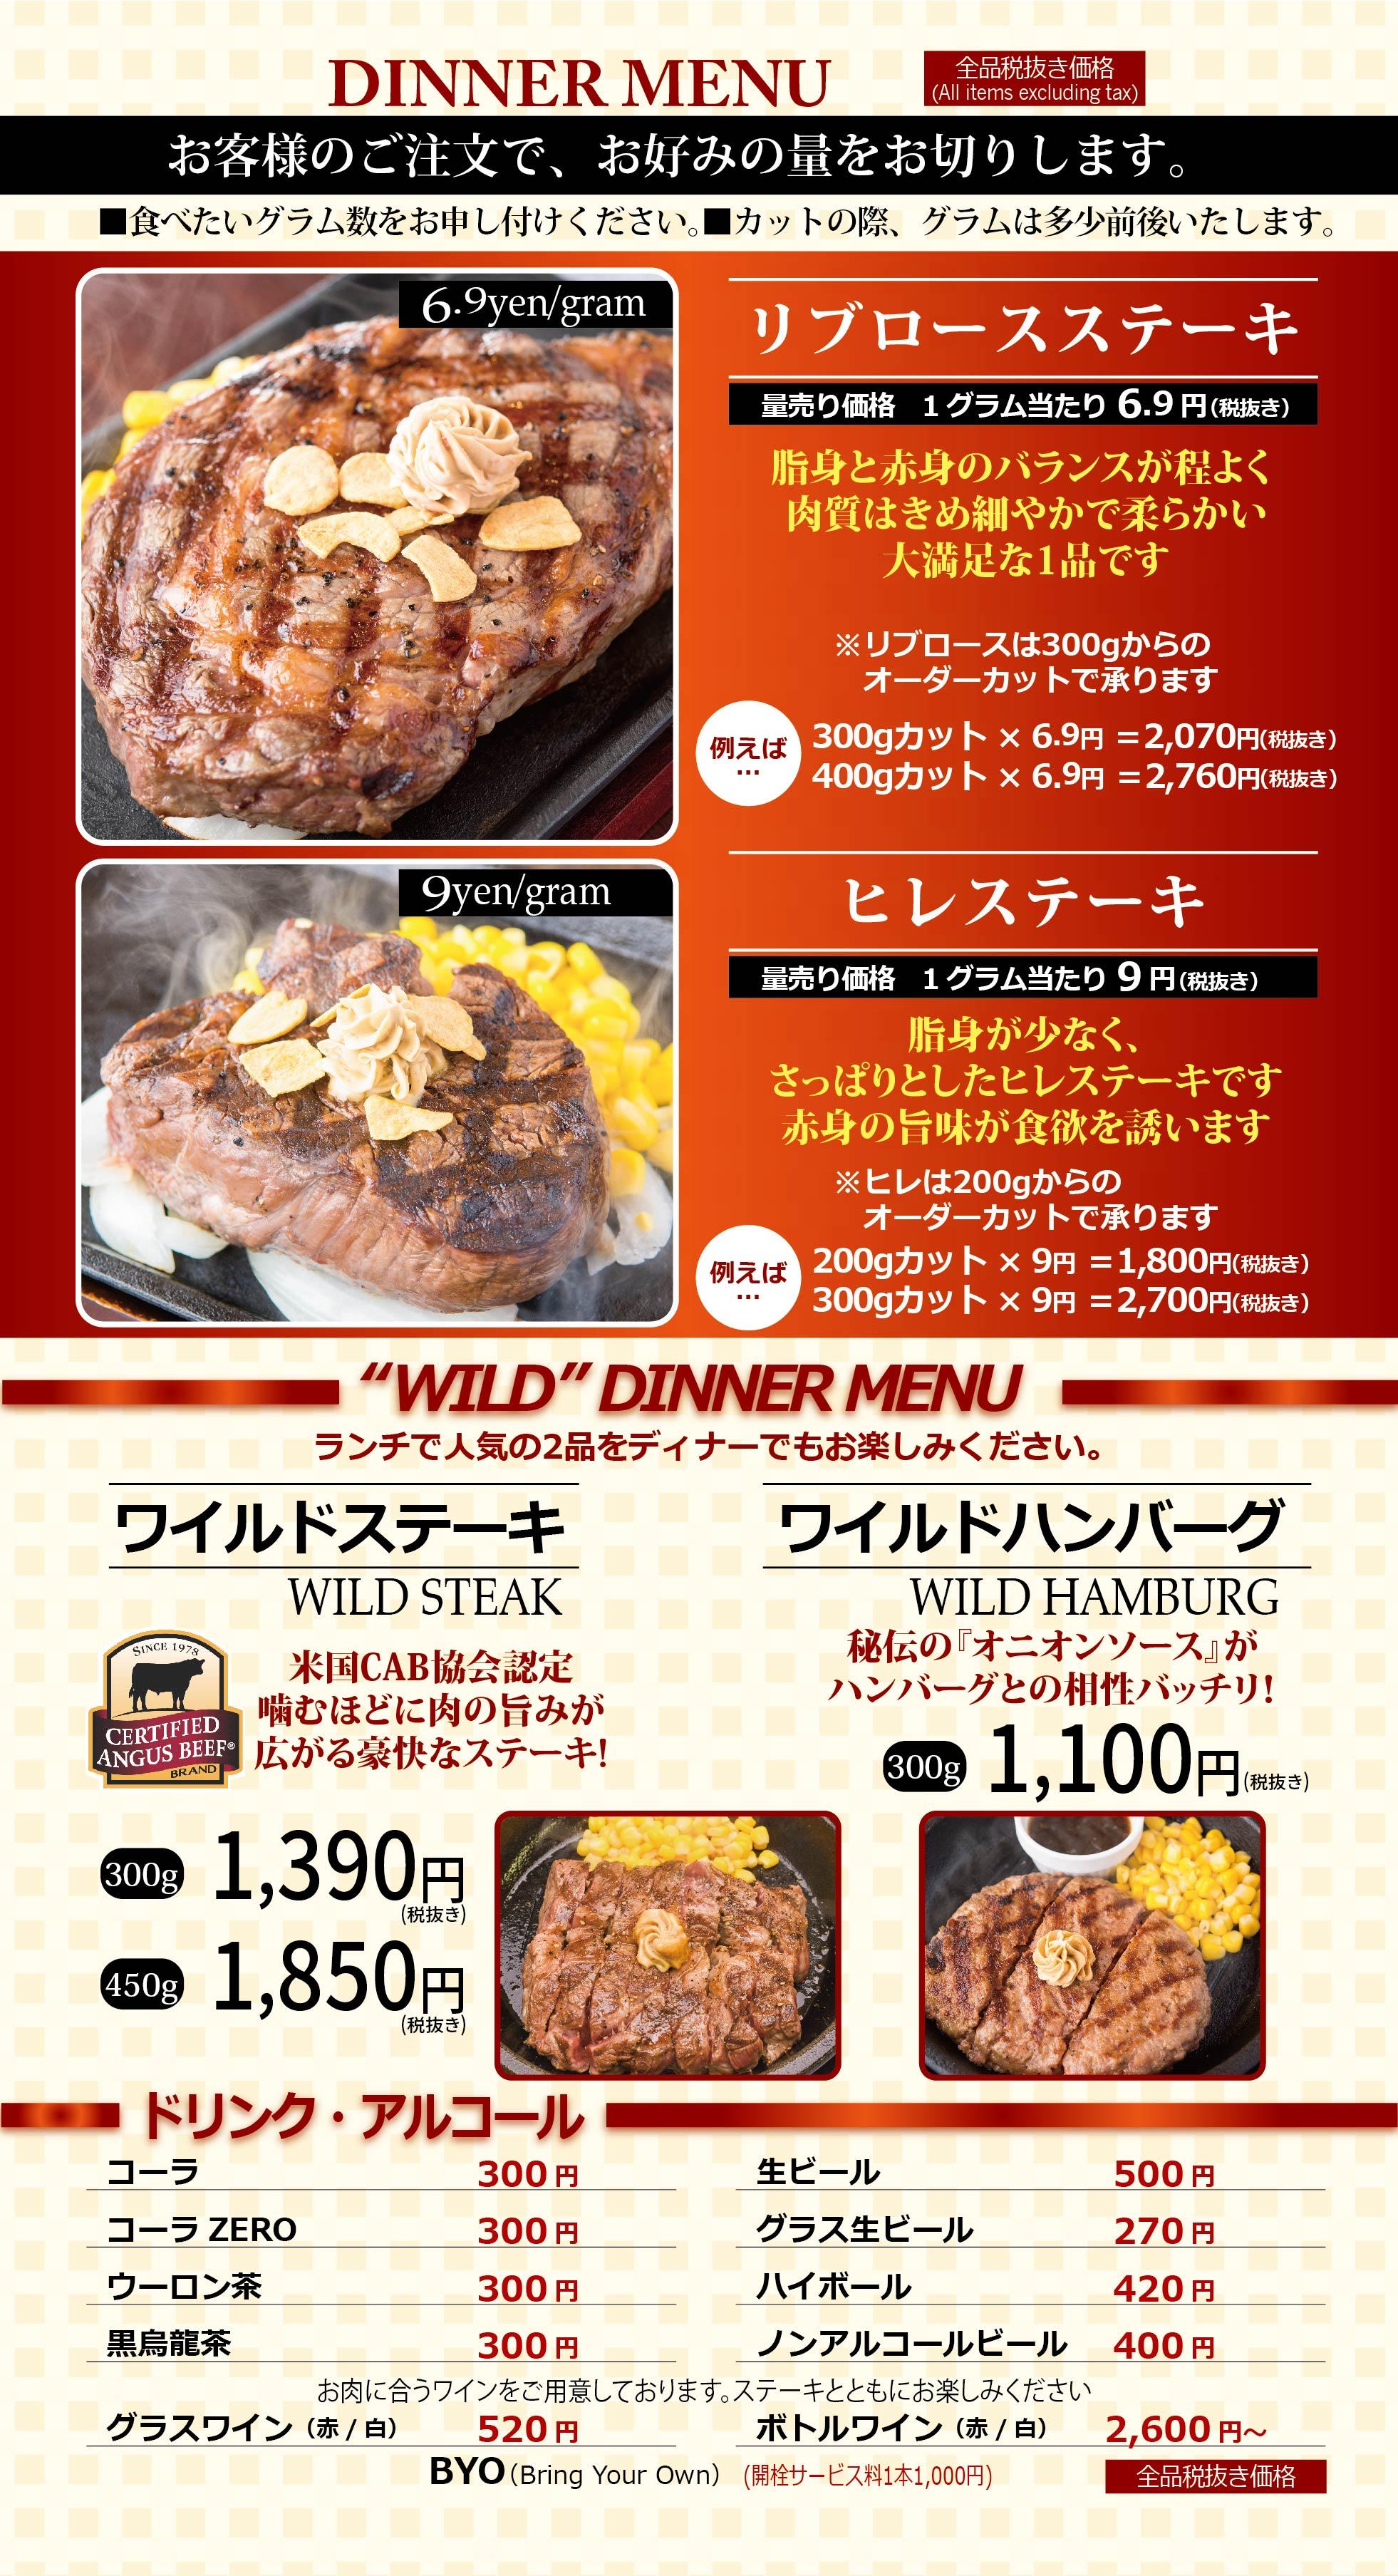 いきなりステーキ名取 ディナーメニュー1